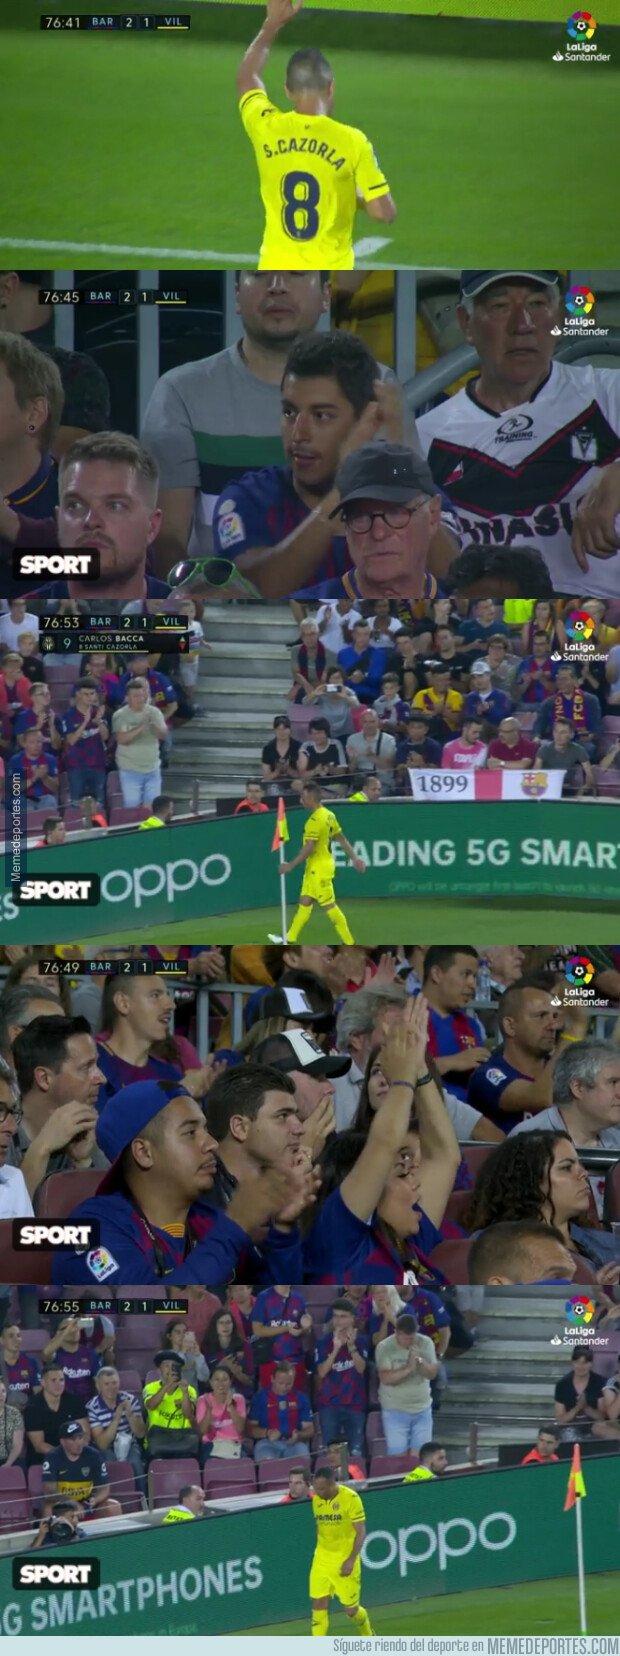 1086726 - La merecidísima ovación del Camp Nou a un crack como Santi Cazorla